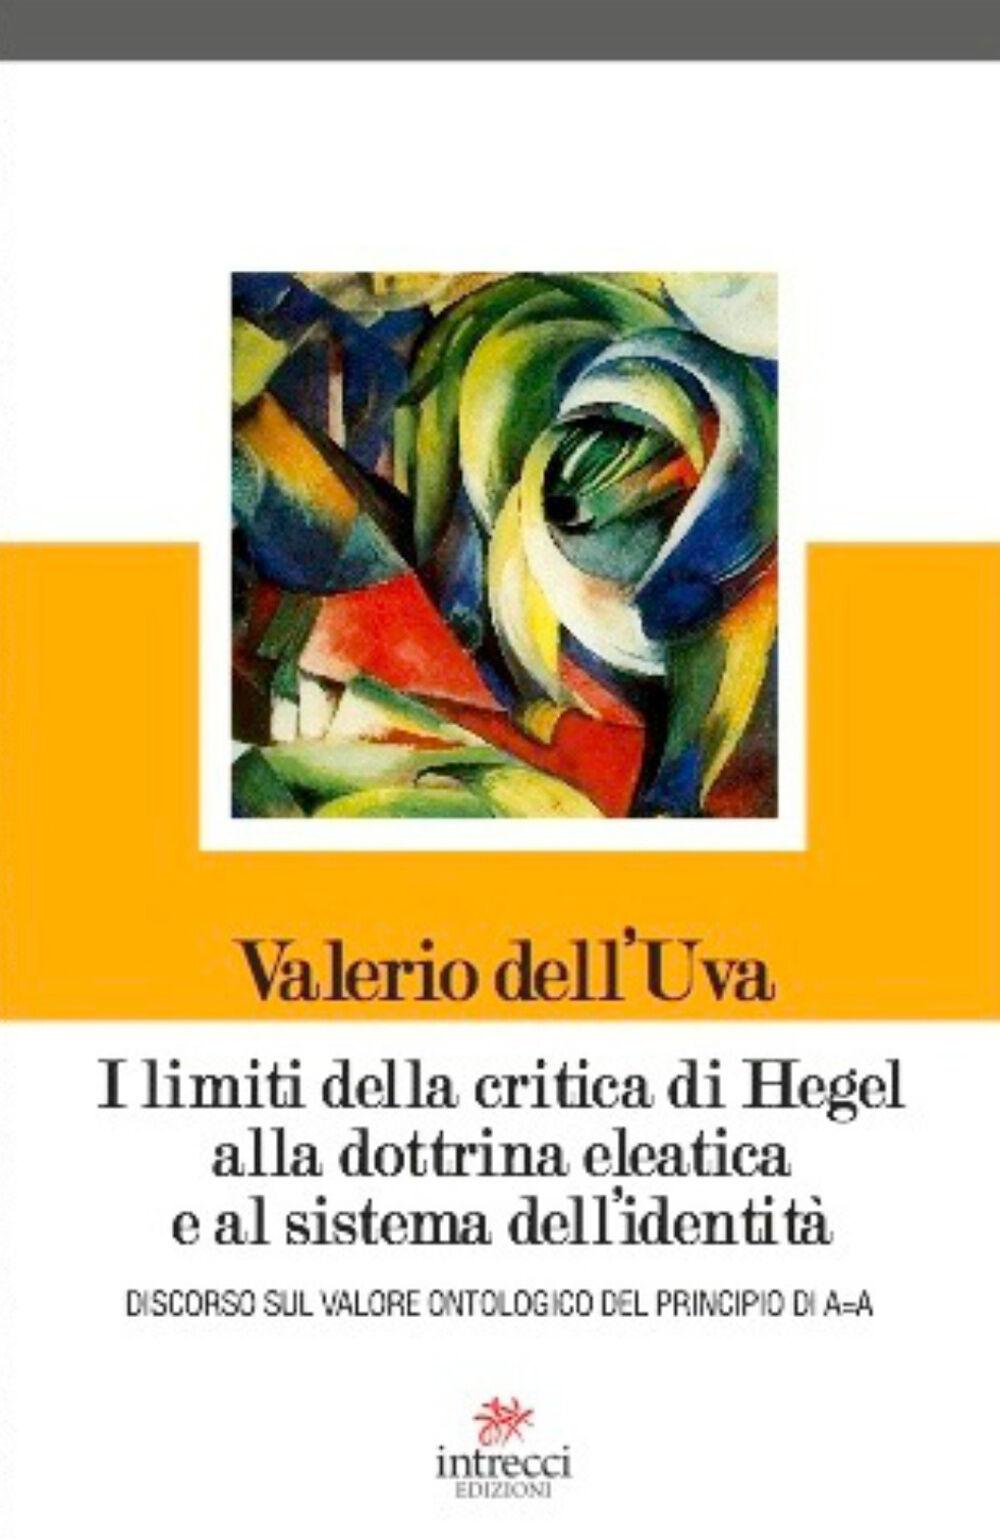 I limiti della critica di Hegel alla dottrina eleatica e al sistema dell'identità. Discorso sul valore ontologico del principio di A=A